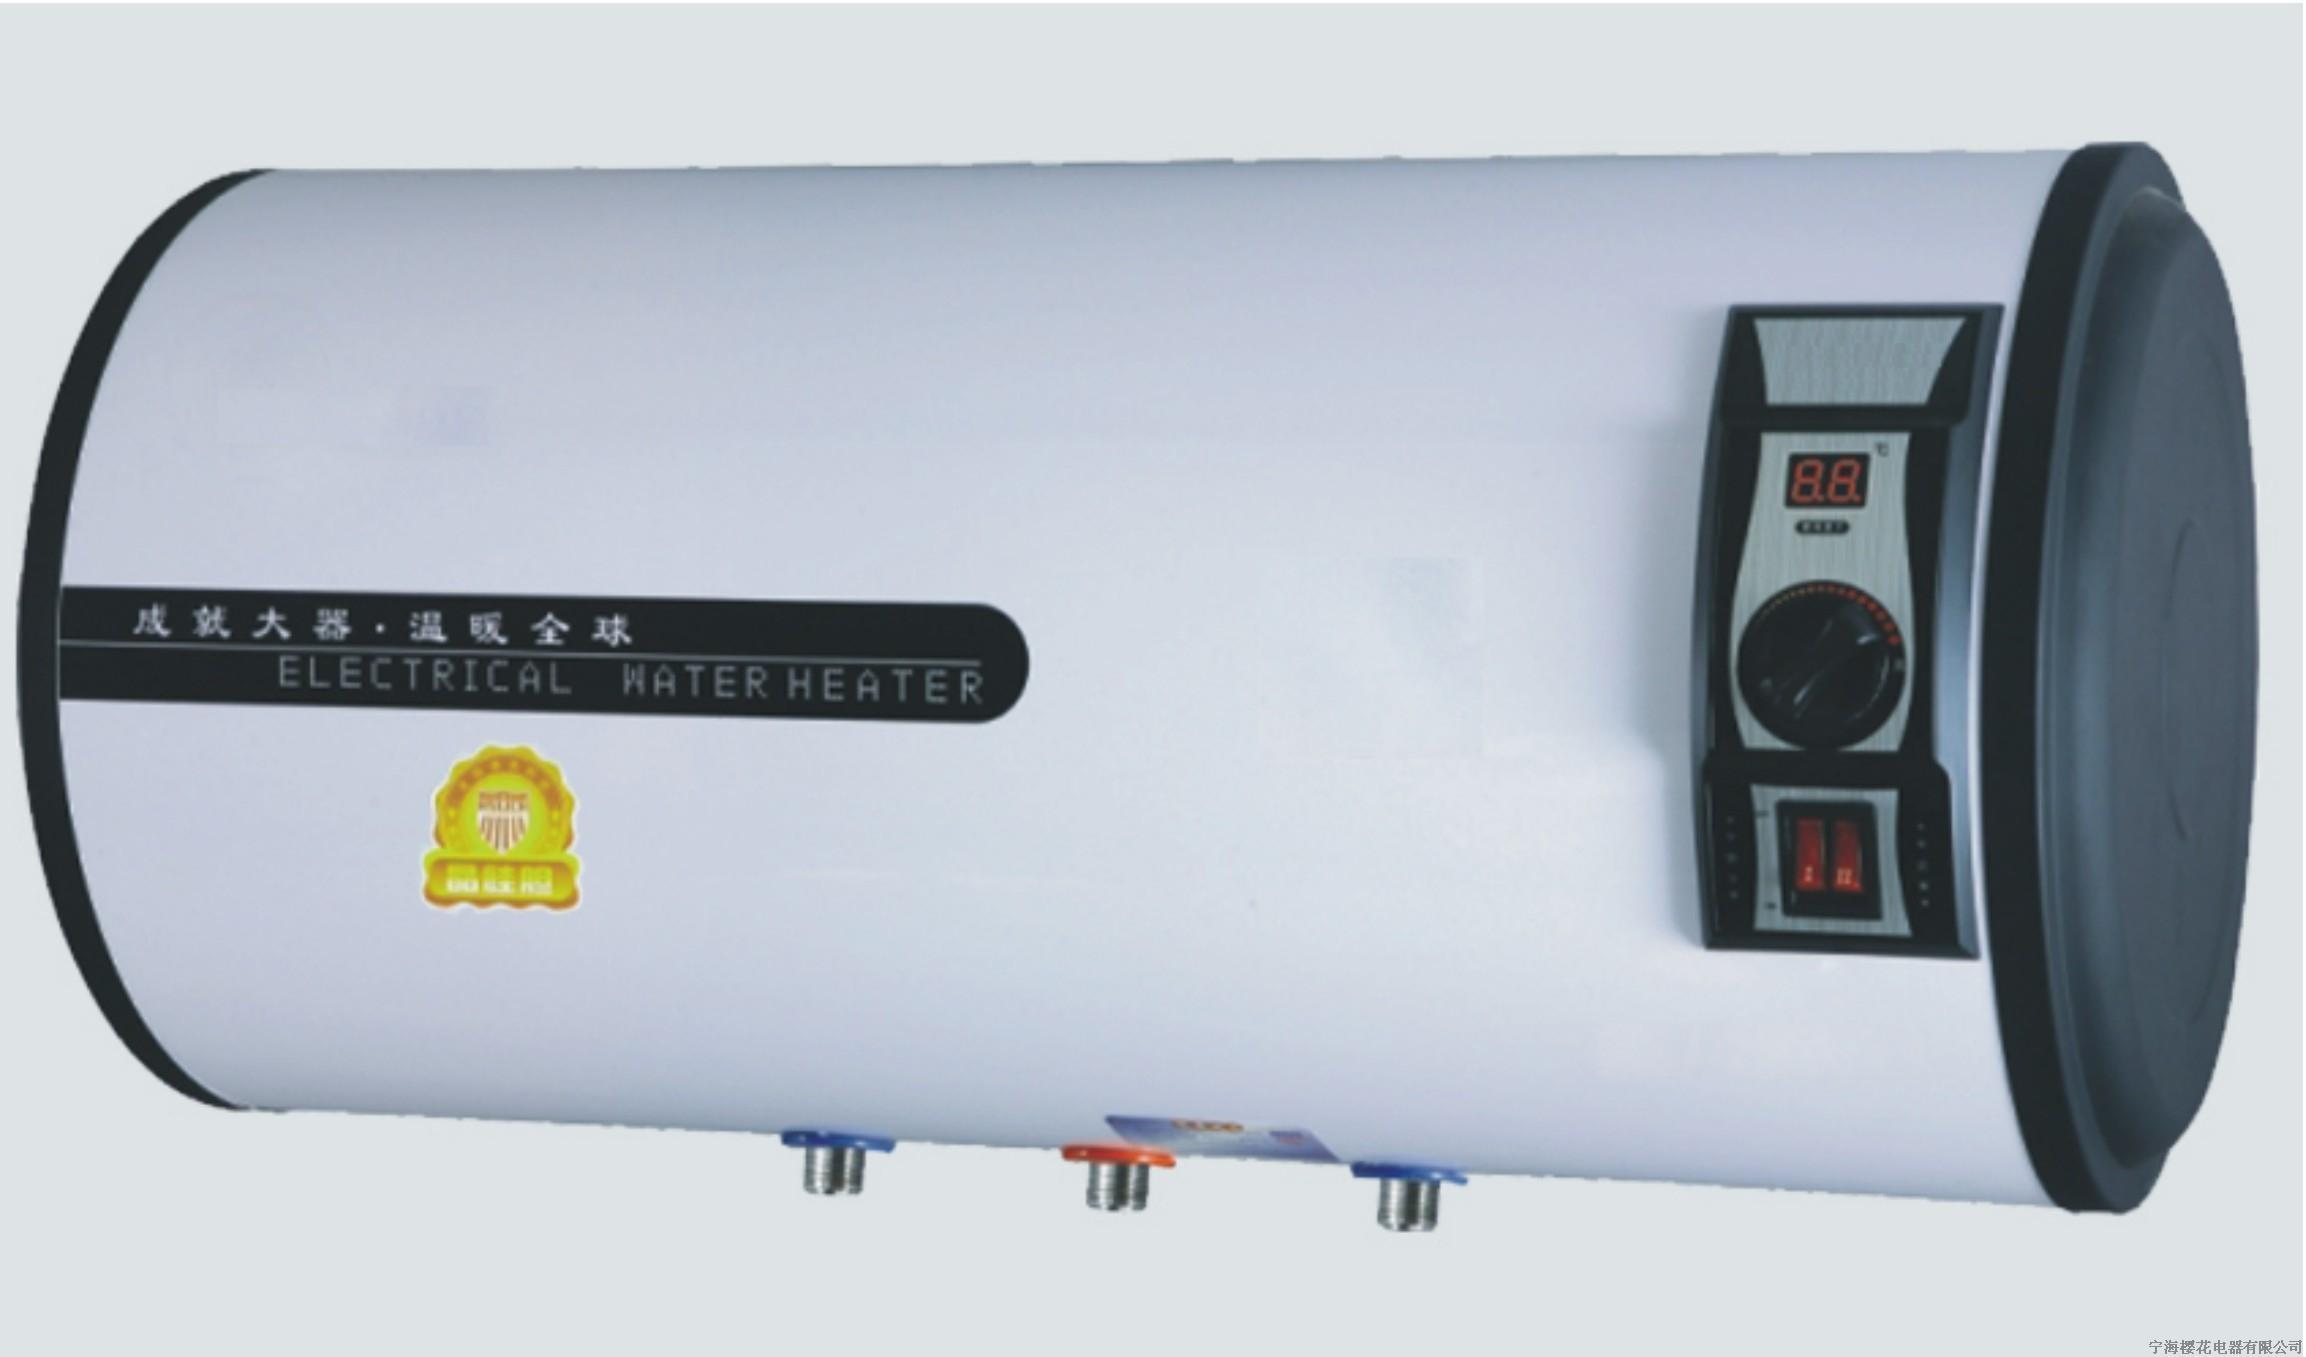 布克热水器的质量你了解吗?如何判别它的质量情况